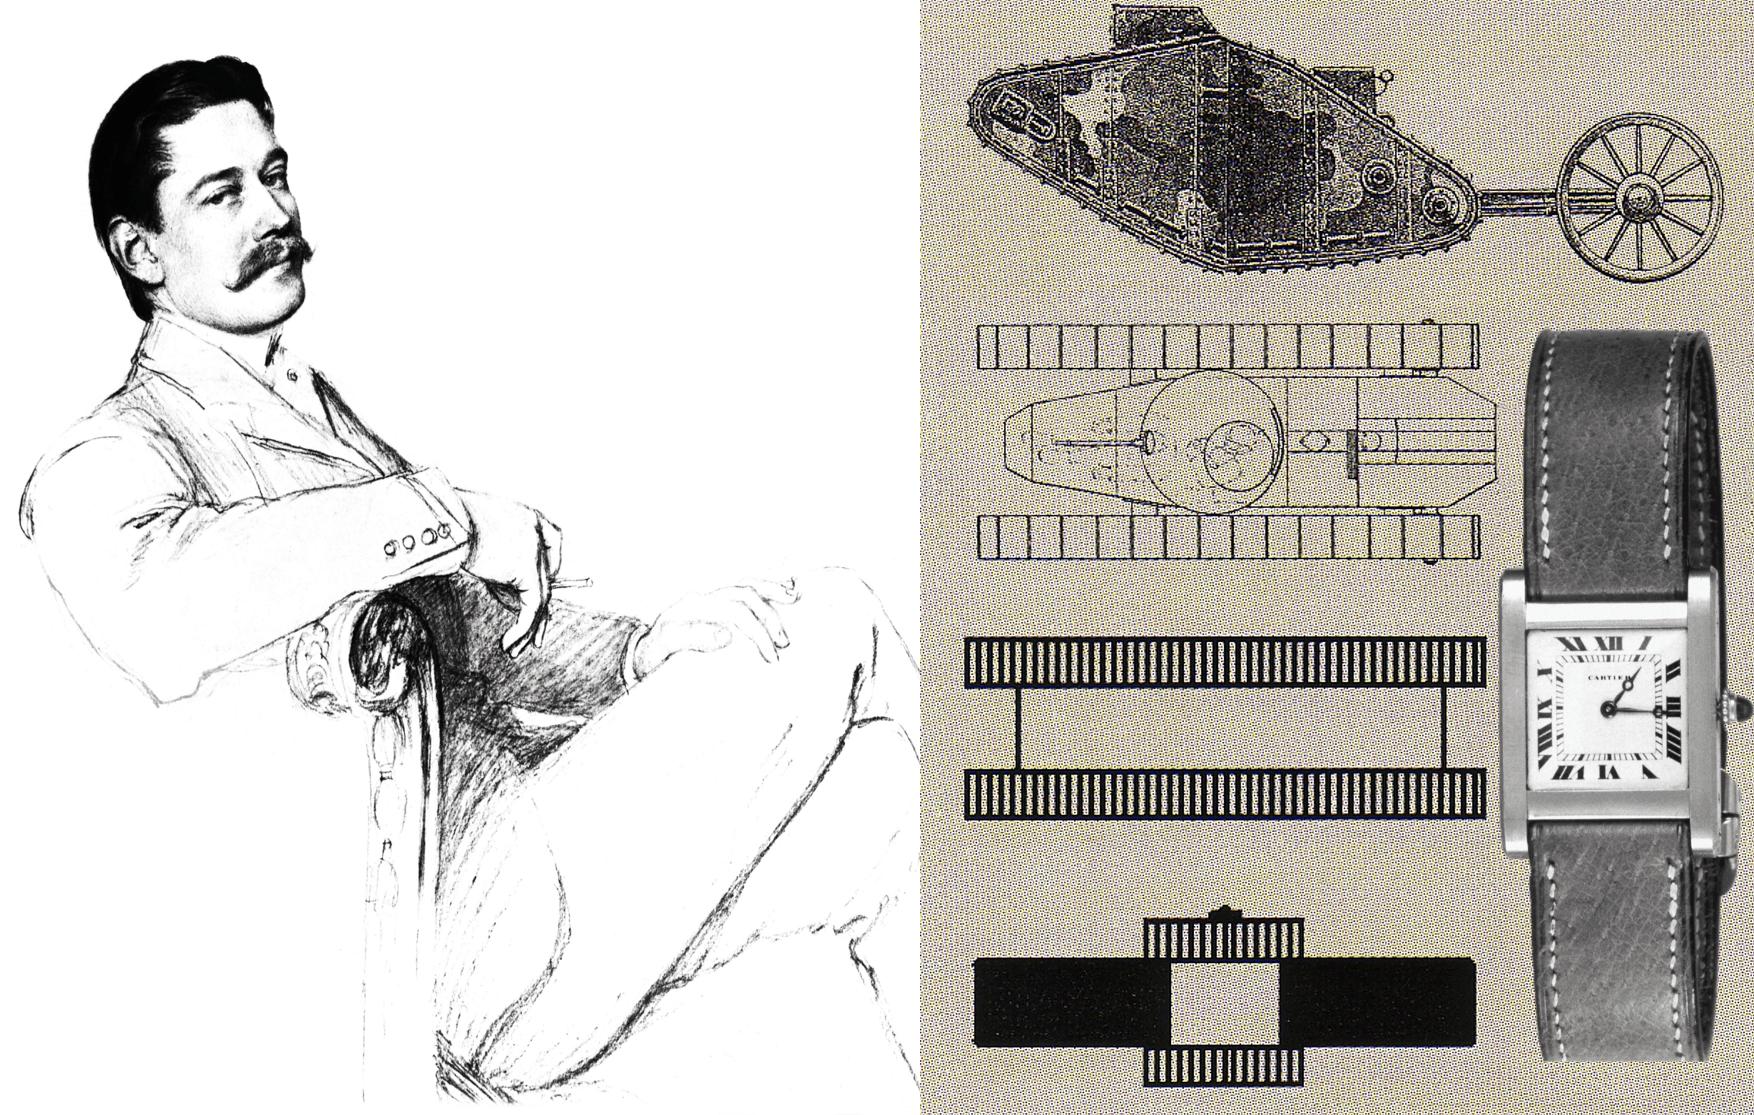 Louis Cartier und sein markantes Cartier Tank Design von 1917